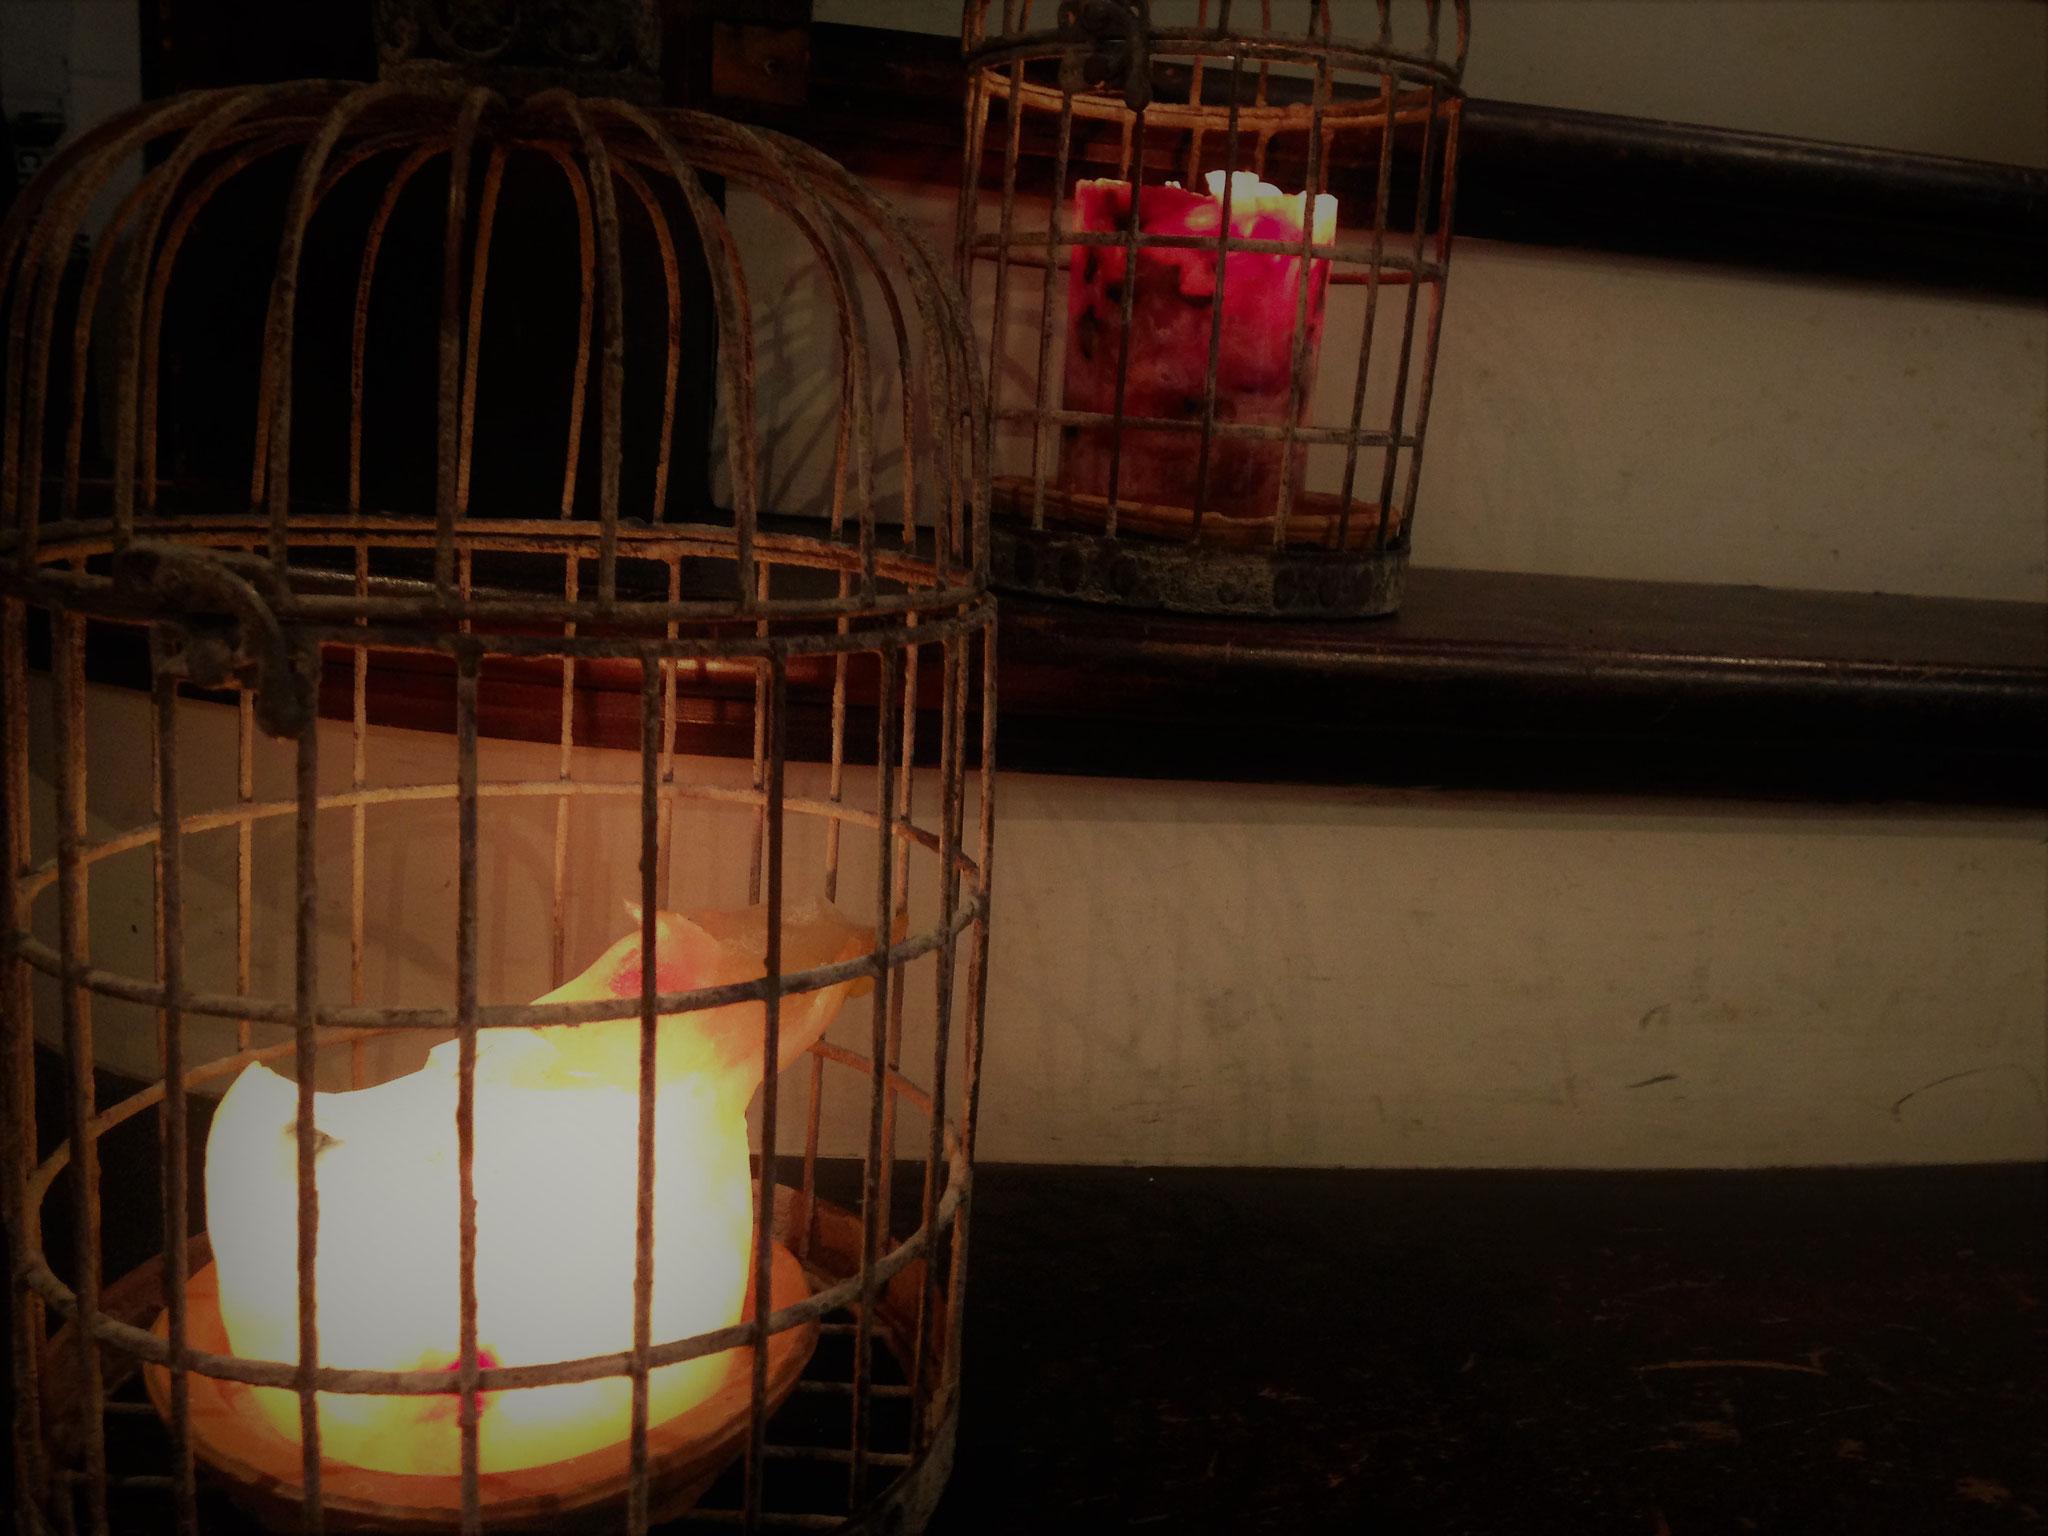 「うっふ」階段に並ぶ鳥かご入りキャンドル2種